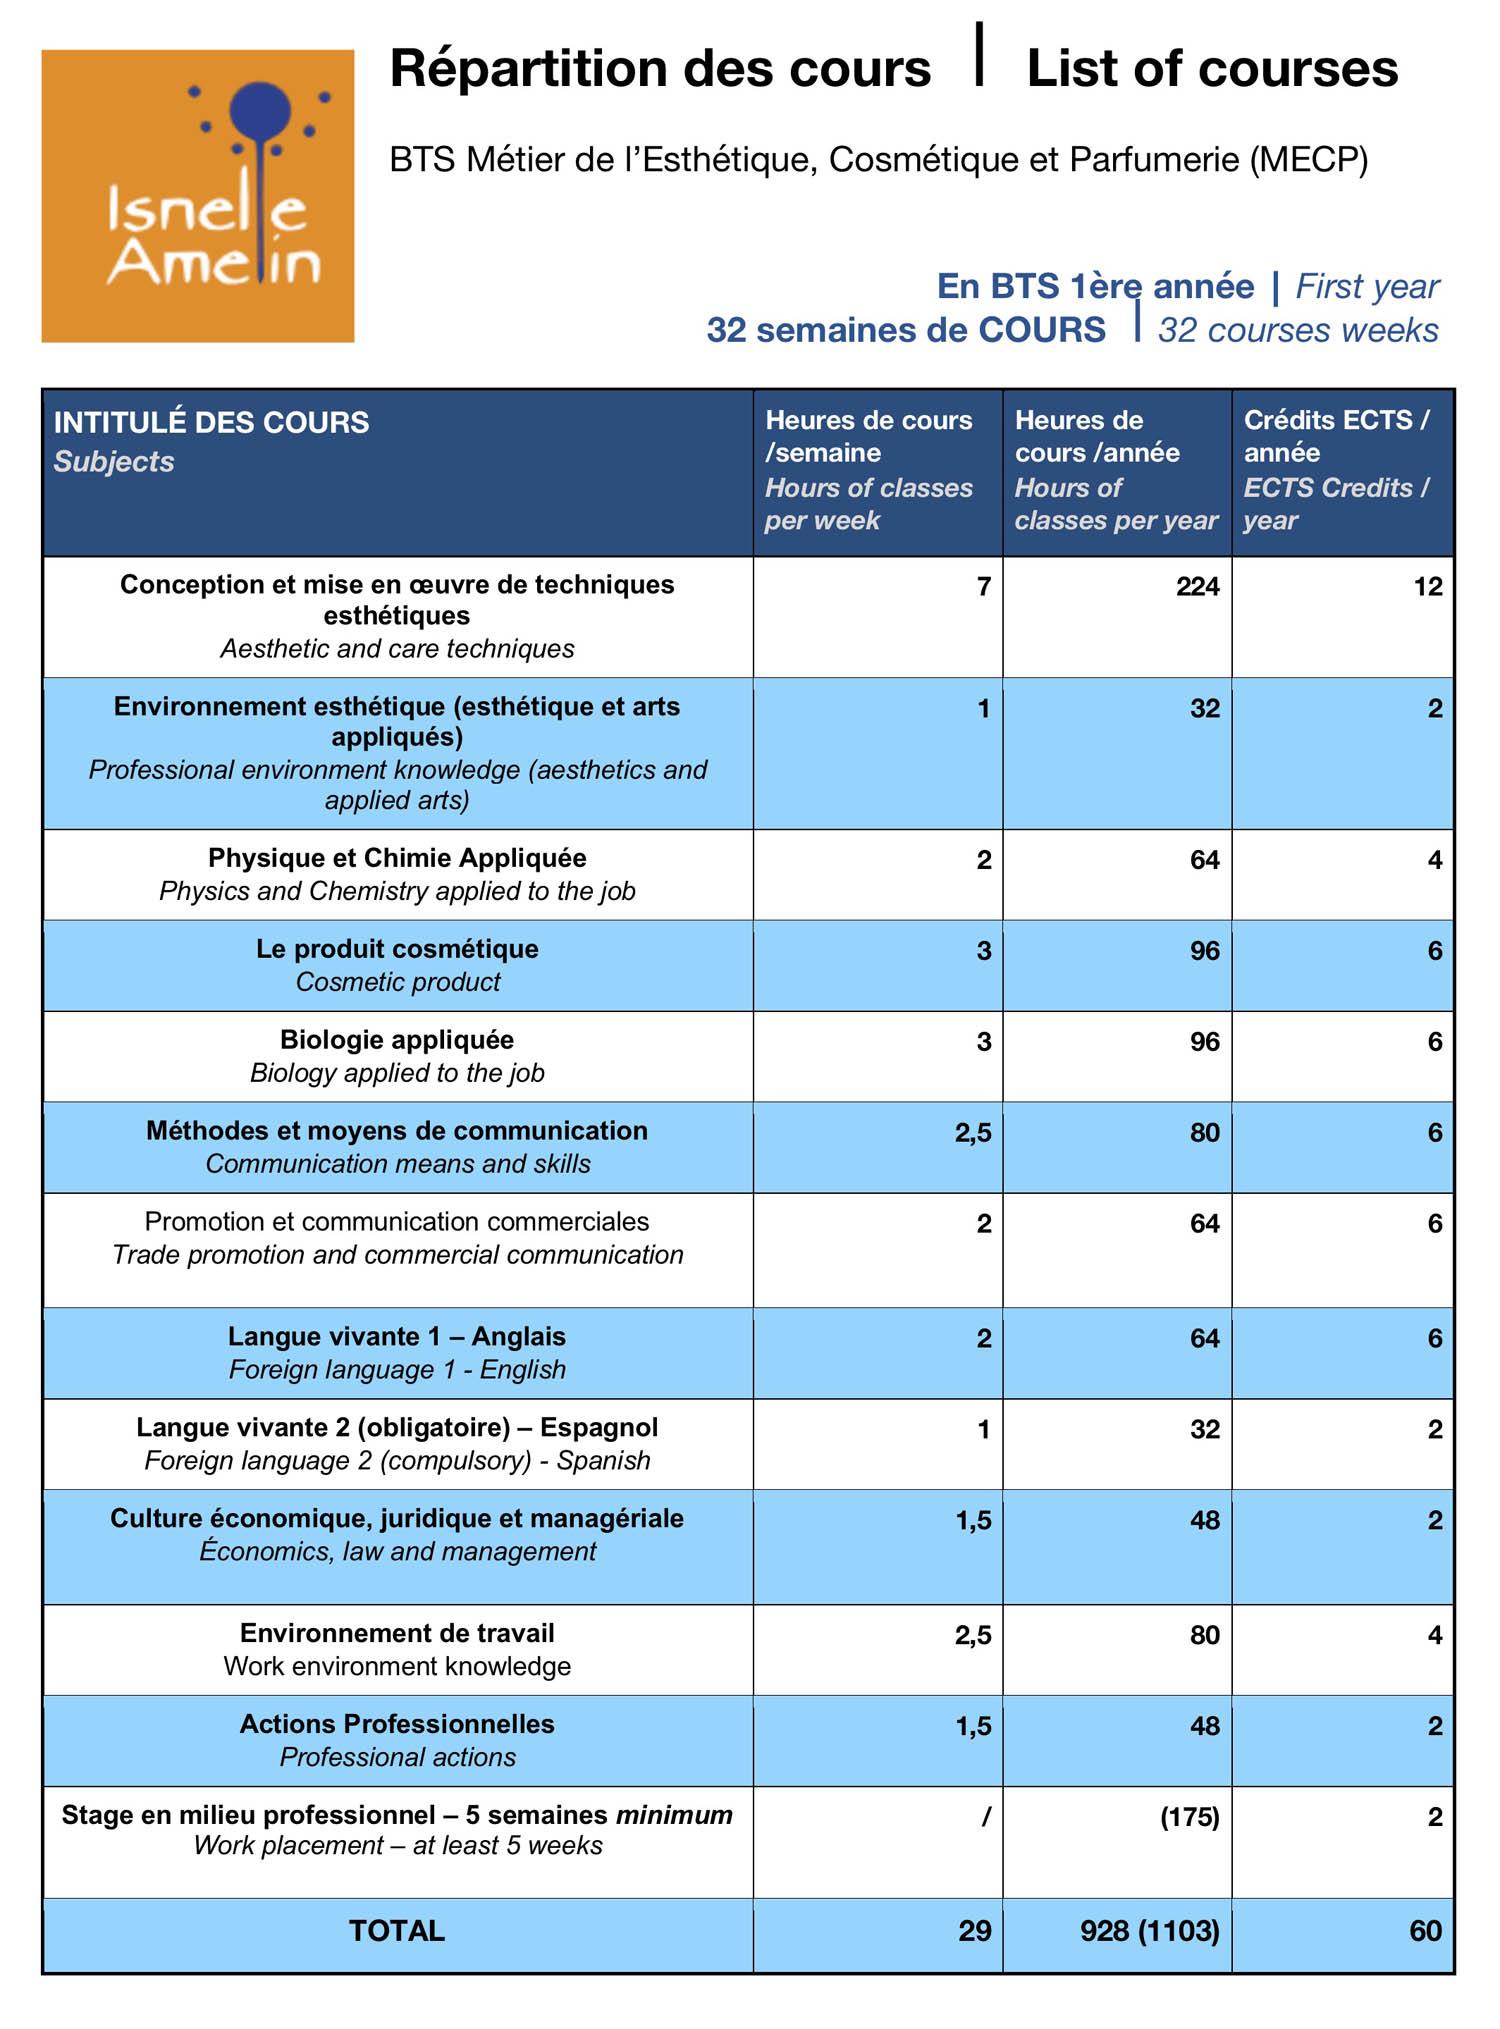 Répartition générale des cours sur la première année de BTS MECP